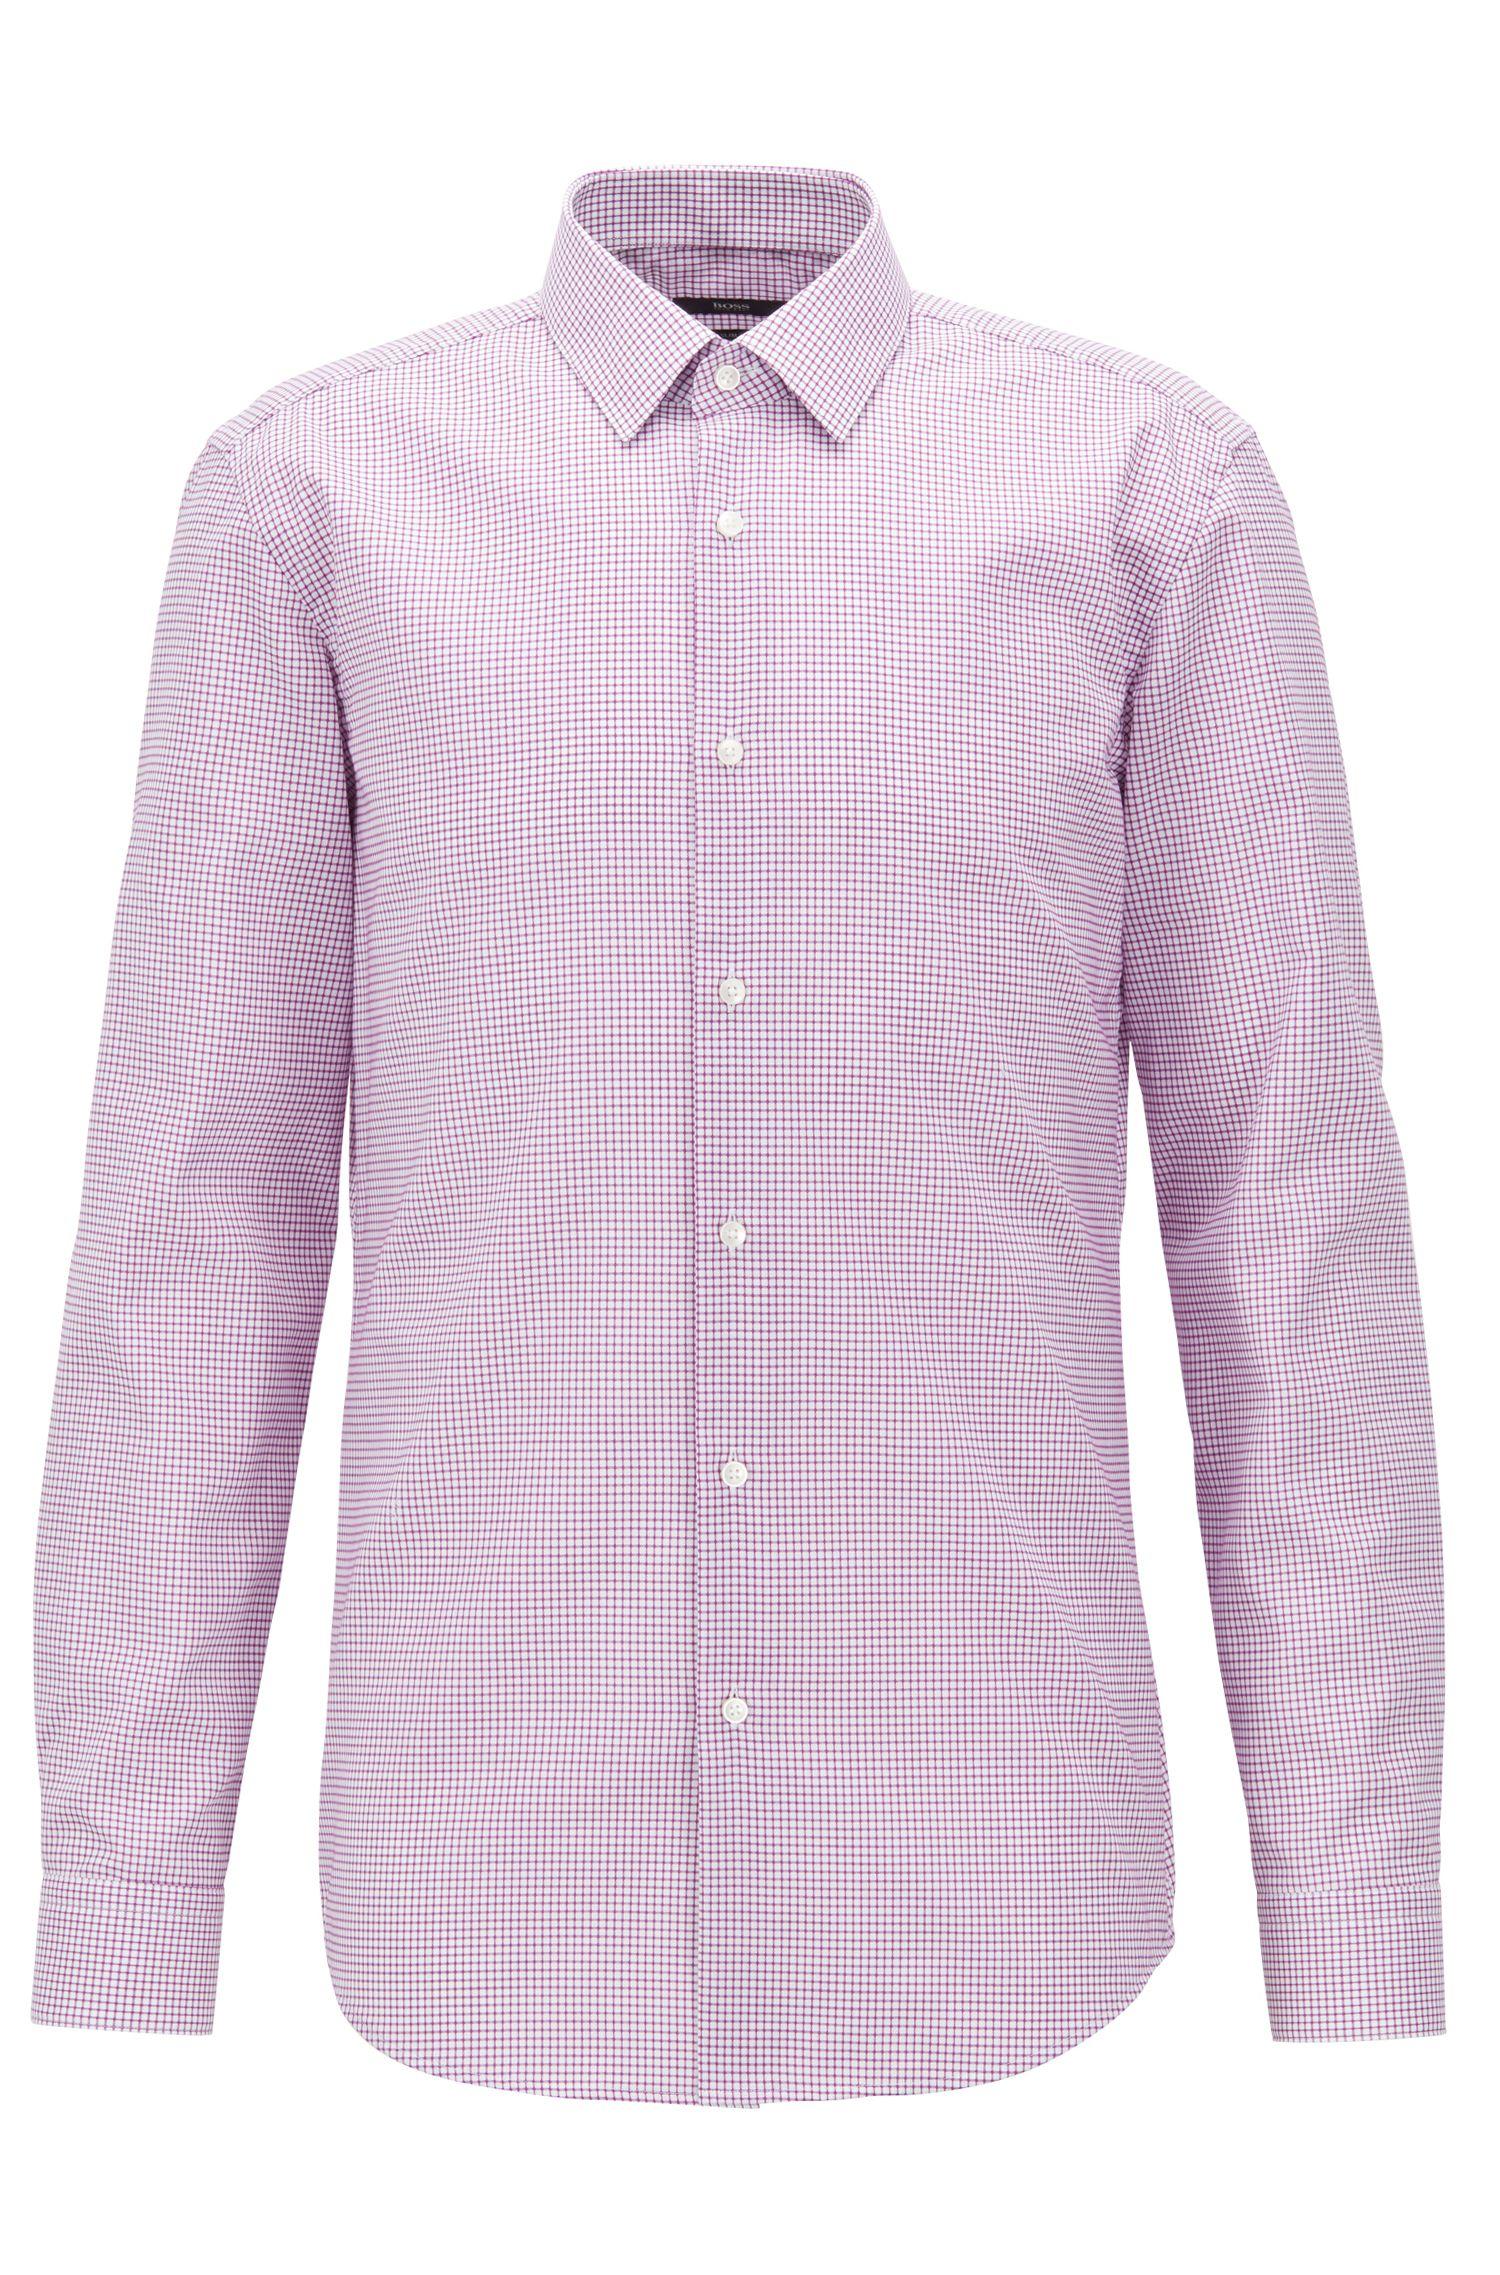 Camicia a quadri slim fit in popeline di cotone facile da stirare, Rosa scuro